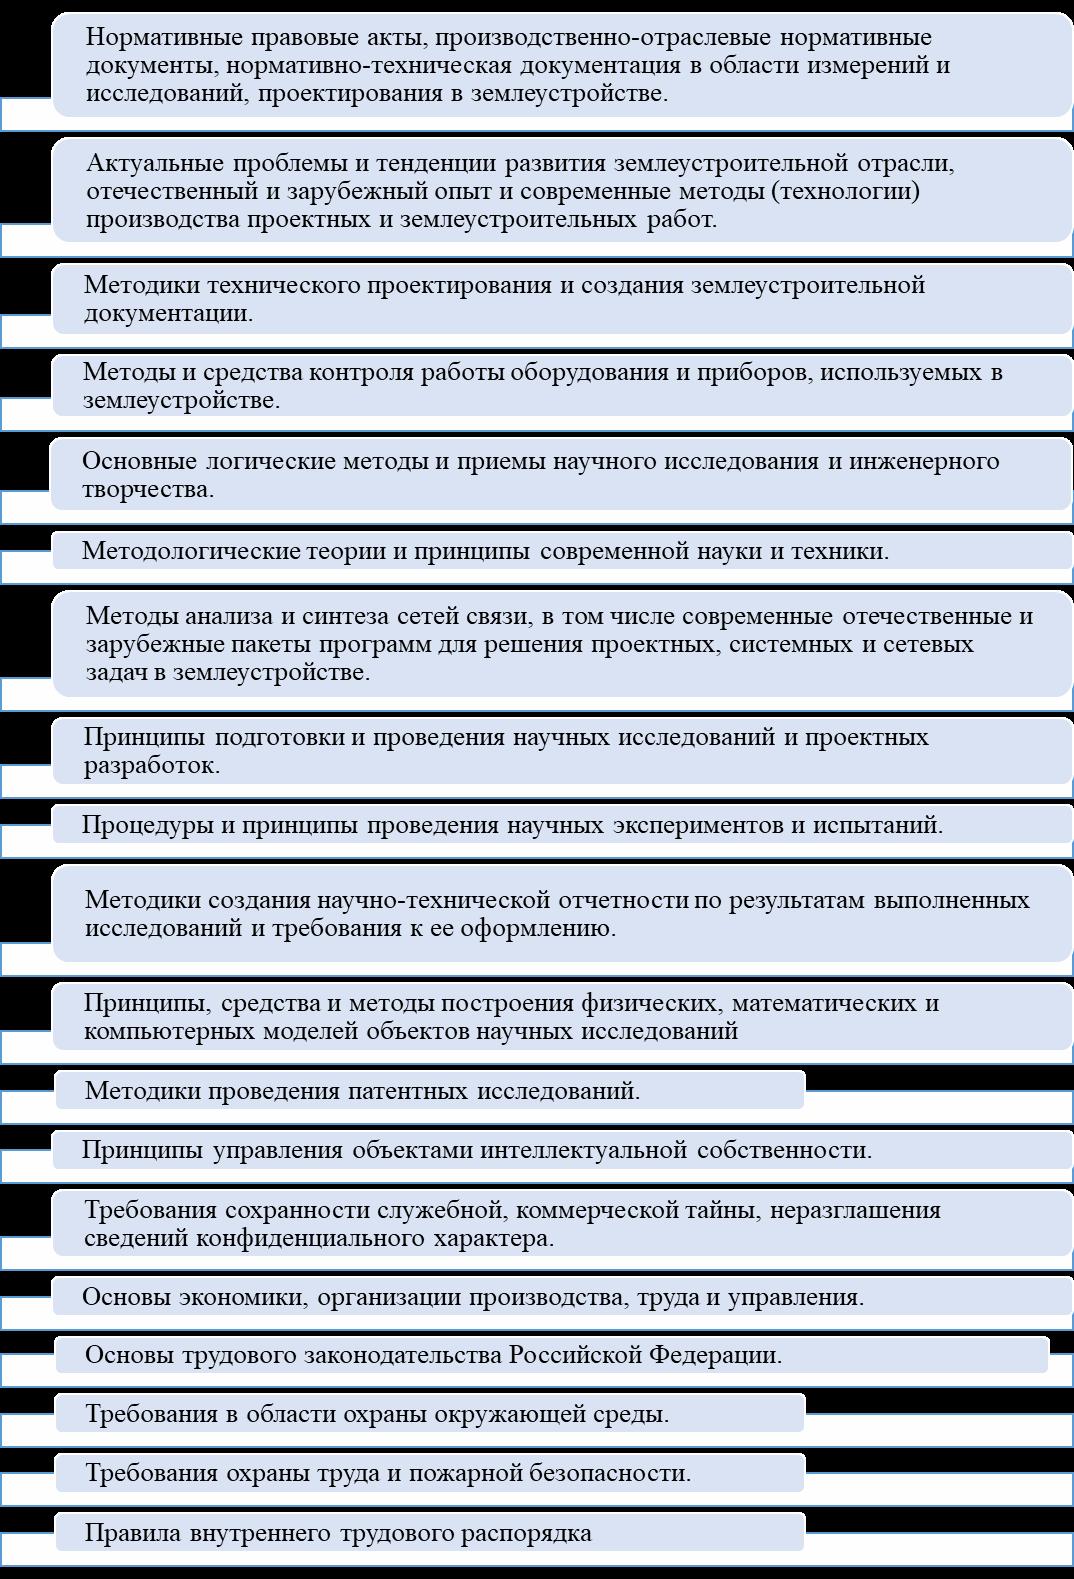 word image 119 Мониторинг и анализ образовательной деятельности образовательных организаций аграрного профиля в условиях «регуляторной гильотины»